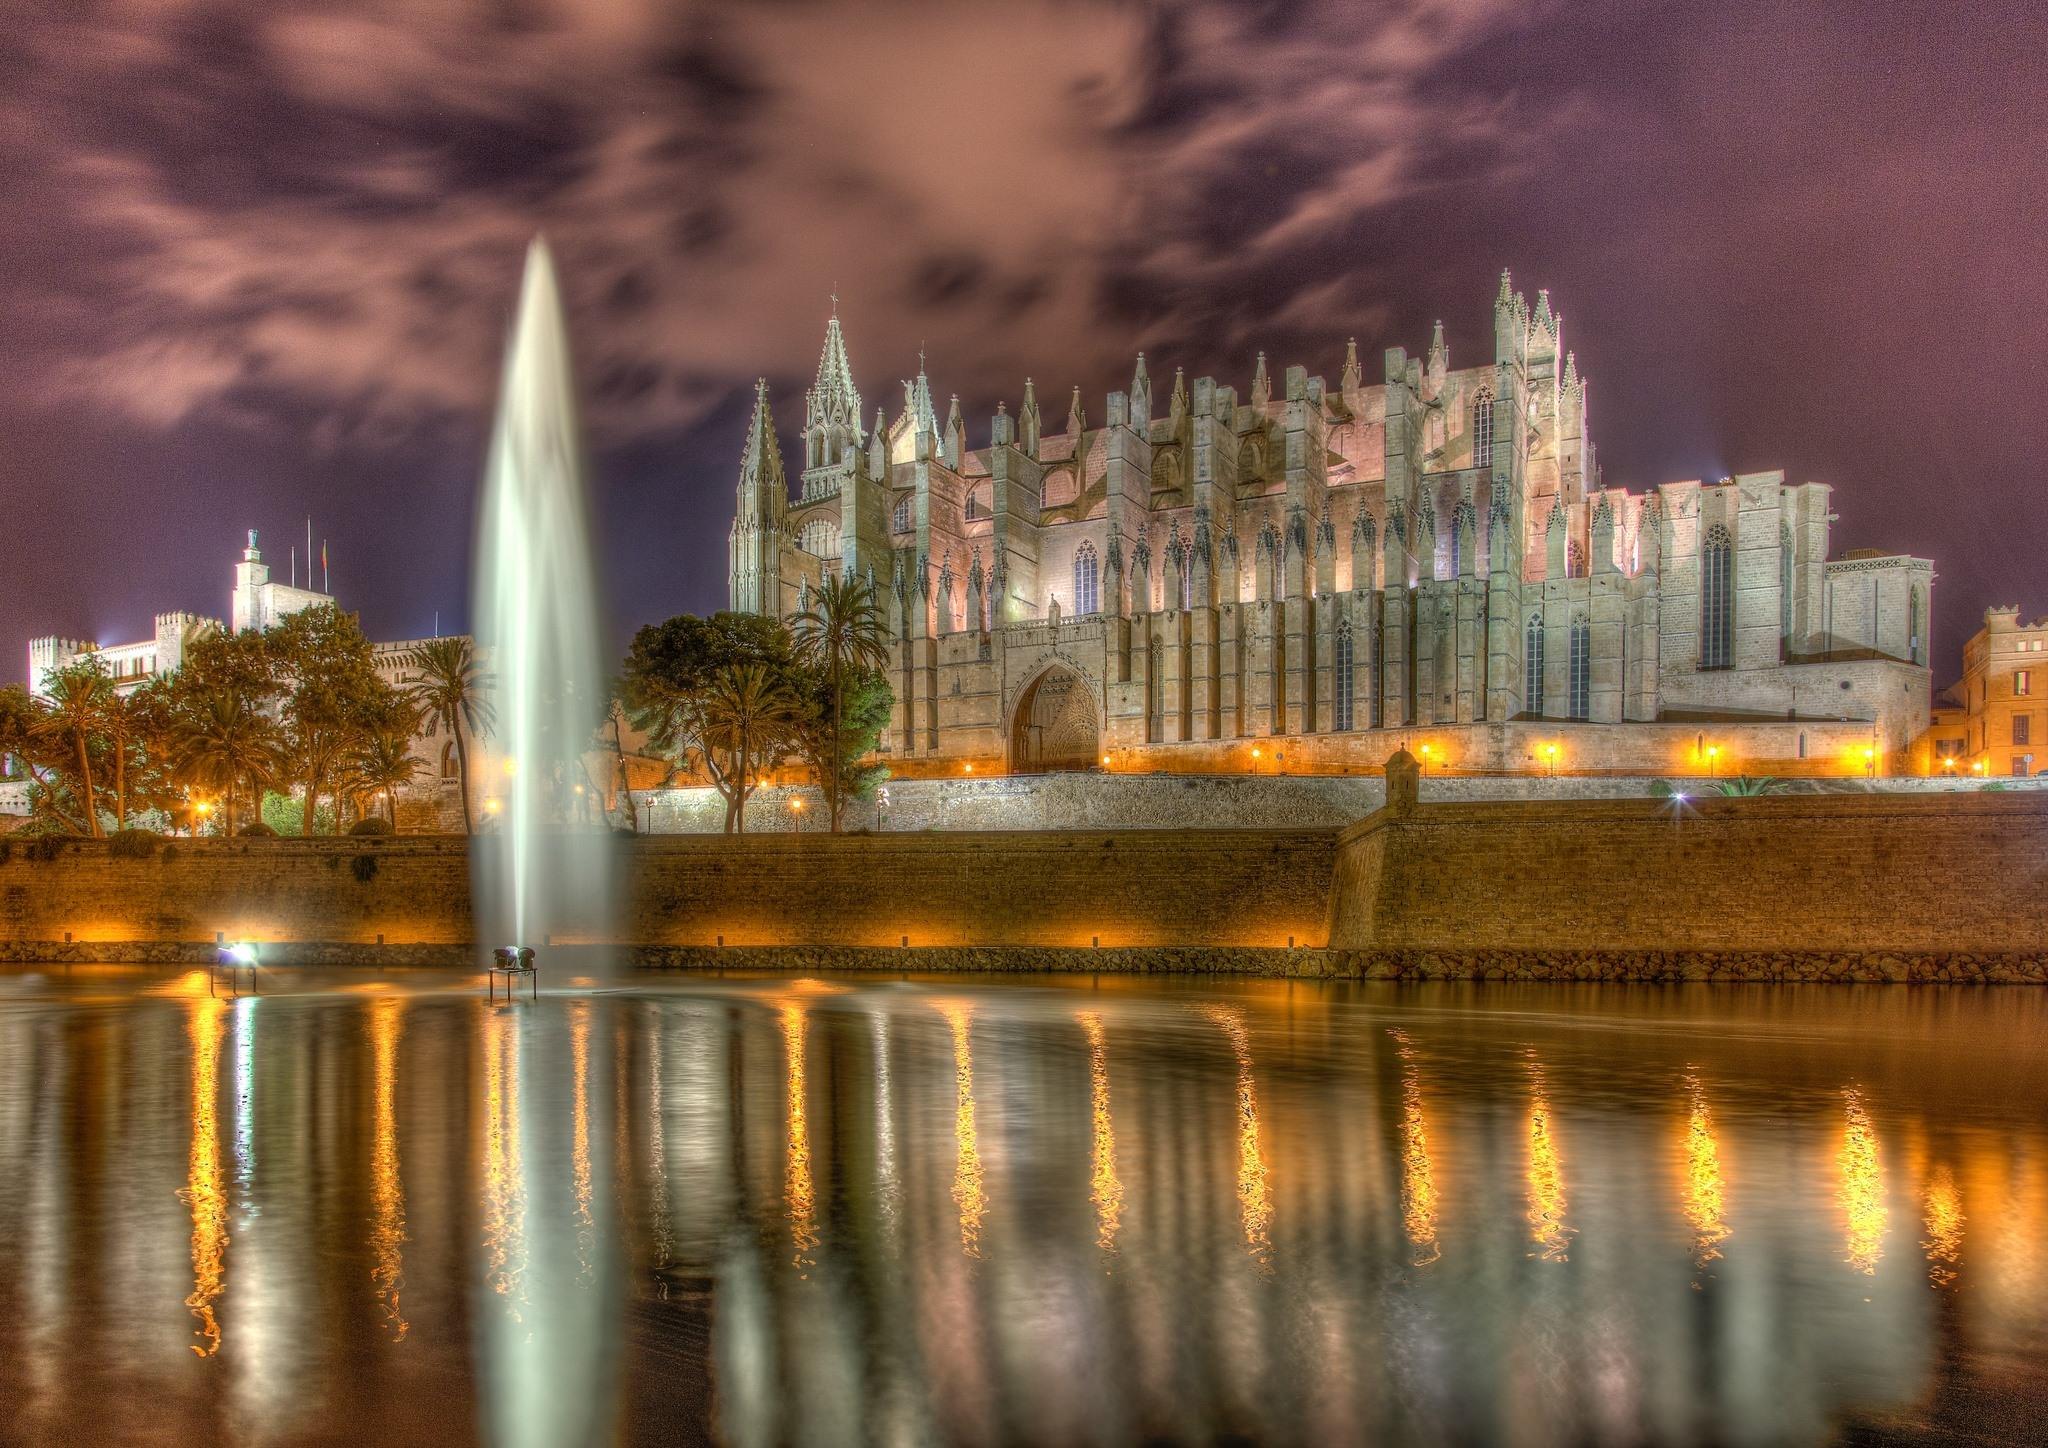 Wallpaper Spain Cathedral Santa Maria La Seou Majorca Palma de 2048x1448